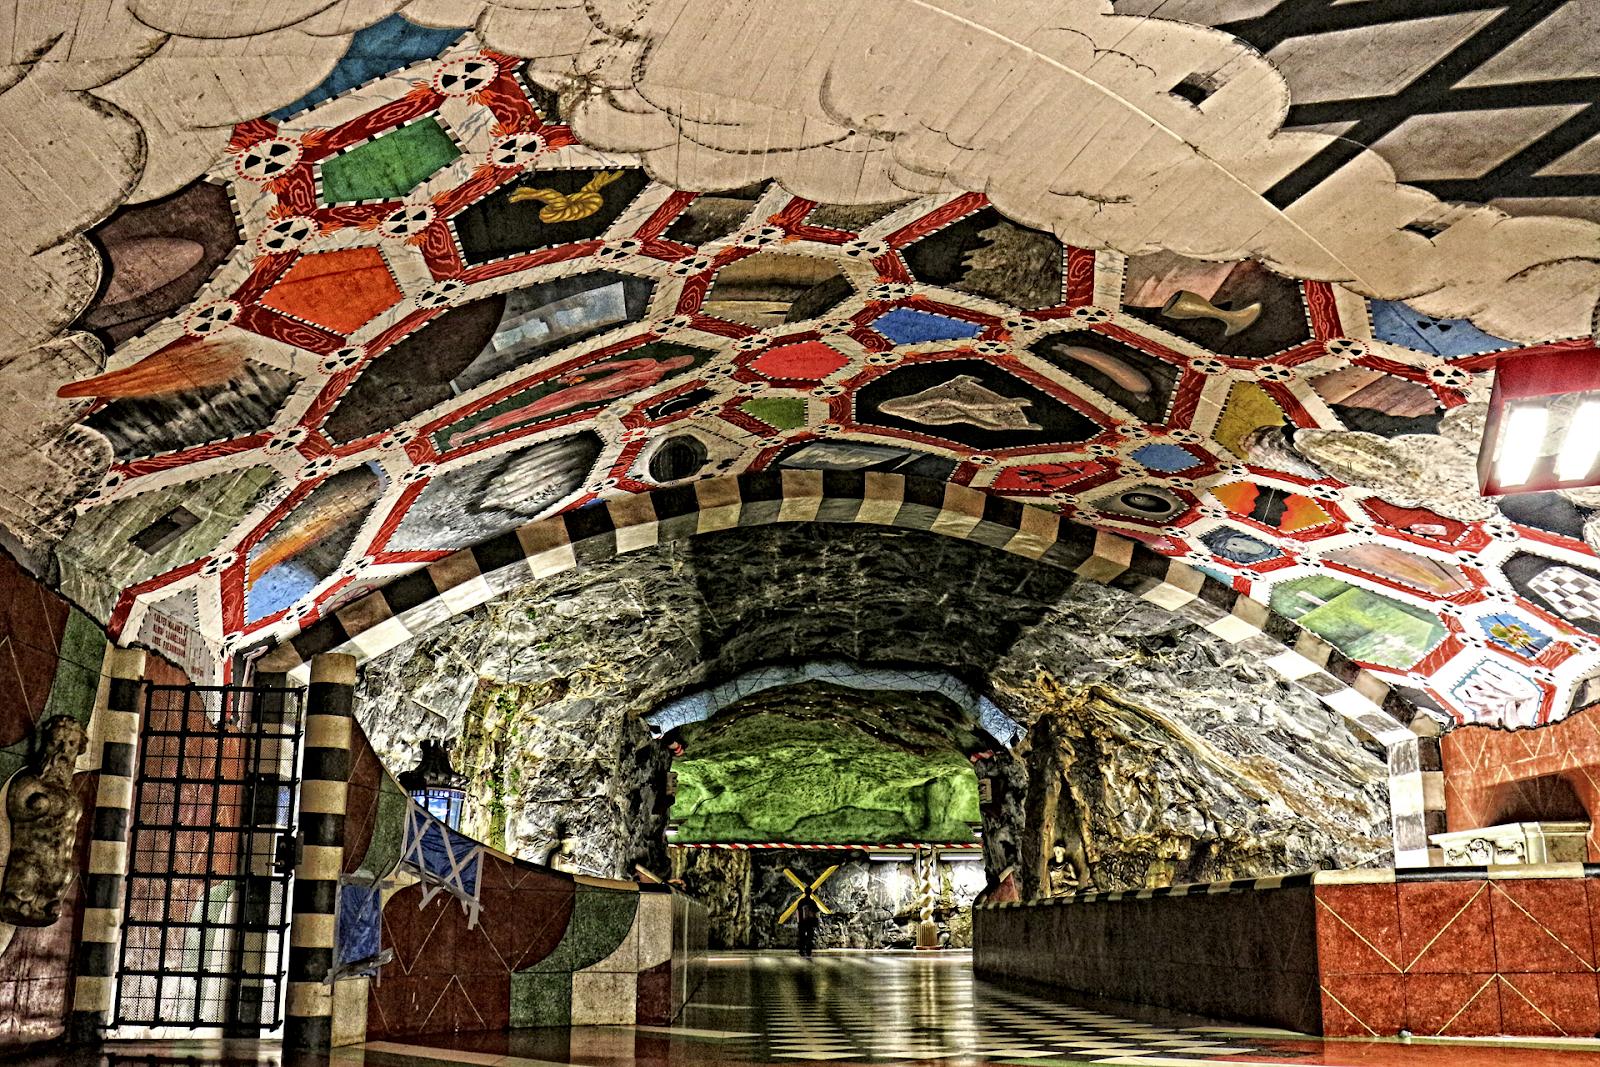 Bên trong những ga tàu điện ngầm đẹp hơn cả triển lãm nghệ thuật tại Thụy Điển 8